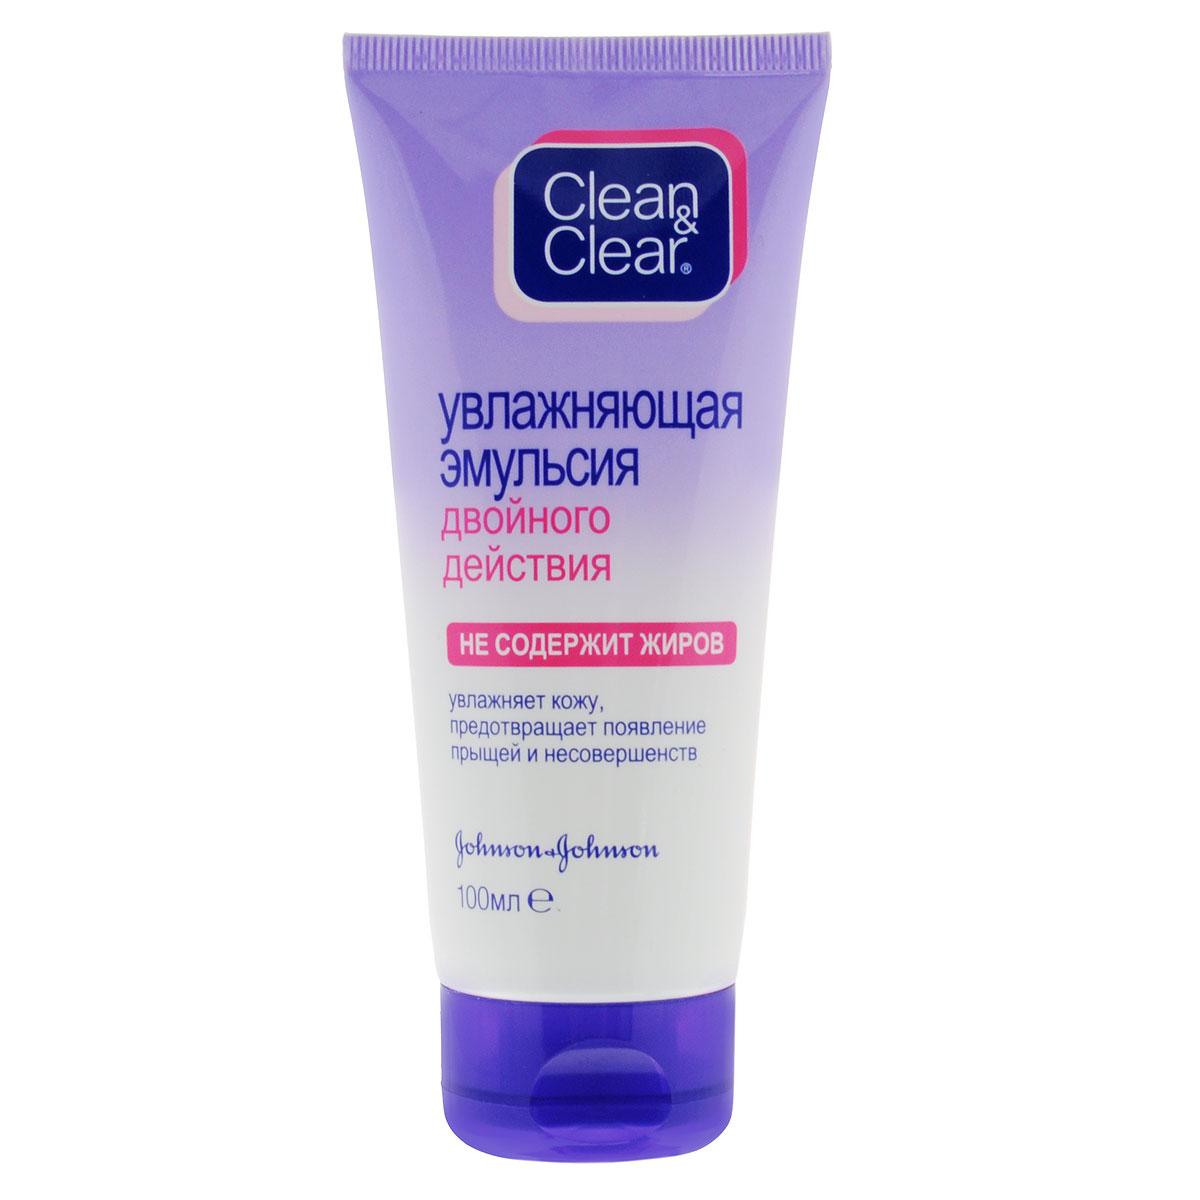 Clean&Clear Эмульсия для лица двойного действия, увлажняющая, 100 мл32721Увлажняющая эмульсия от CLEAN & CLEAR содержит ряд активных компонентов, оказывающих комплексное воздействие. К ним относится салициловая кислота, которая глубоко очищает загрязненные поры и полностью удаляет отмершие клетки с поверхности кожи. Увлажняющее действие обусловлено наличием в составе данного средства от CLEAN & CLEAR натурального глицерина, неизменно популярного в профессиональной косметологии. Данный компонент деликатно смягчает кожу, делая ее по-настоящему гладкой, красивой и здоровой. В состав увлажняющей эмульсии CLEAN & CLEAR не входят жиры и ароматизаторы, поэтому это средство великолепно подходит даже для чувствительной кожи. Товар сертифицирован.